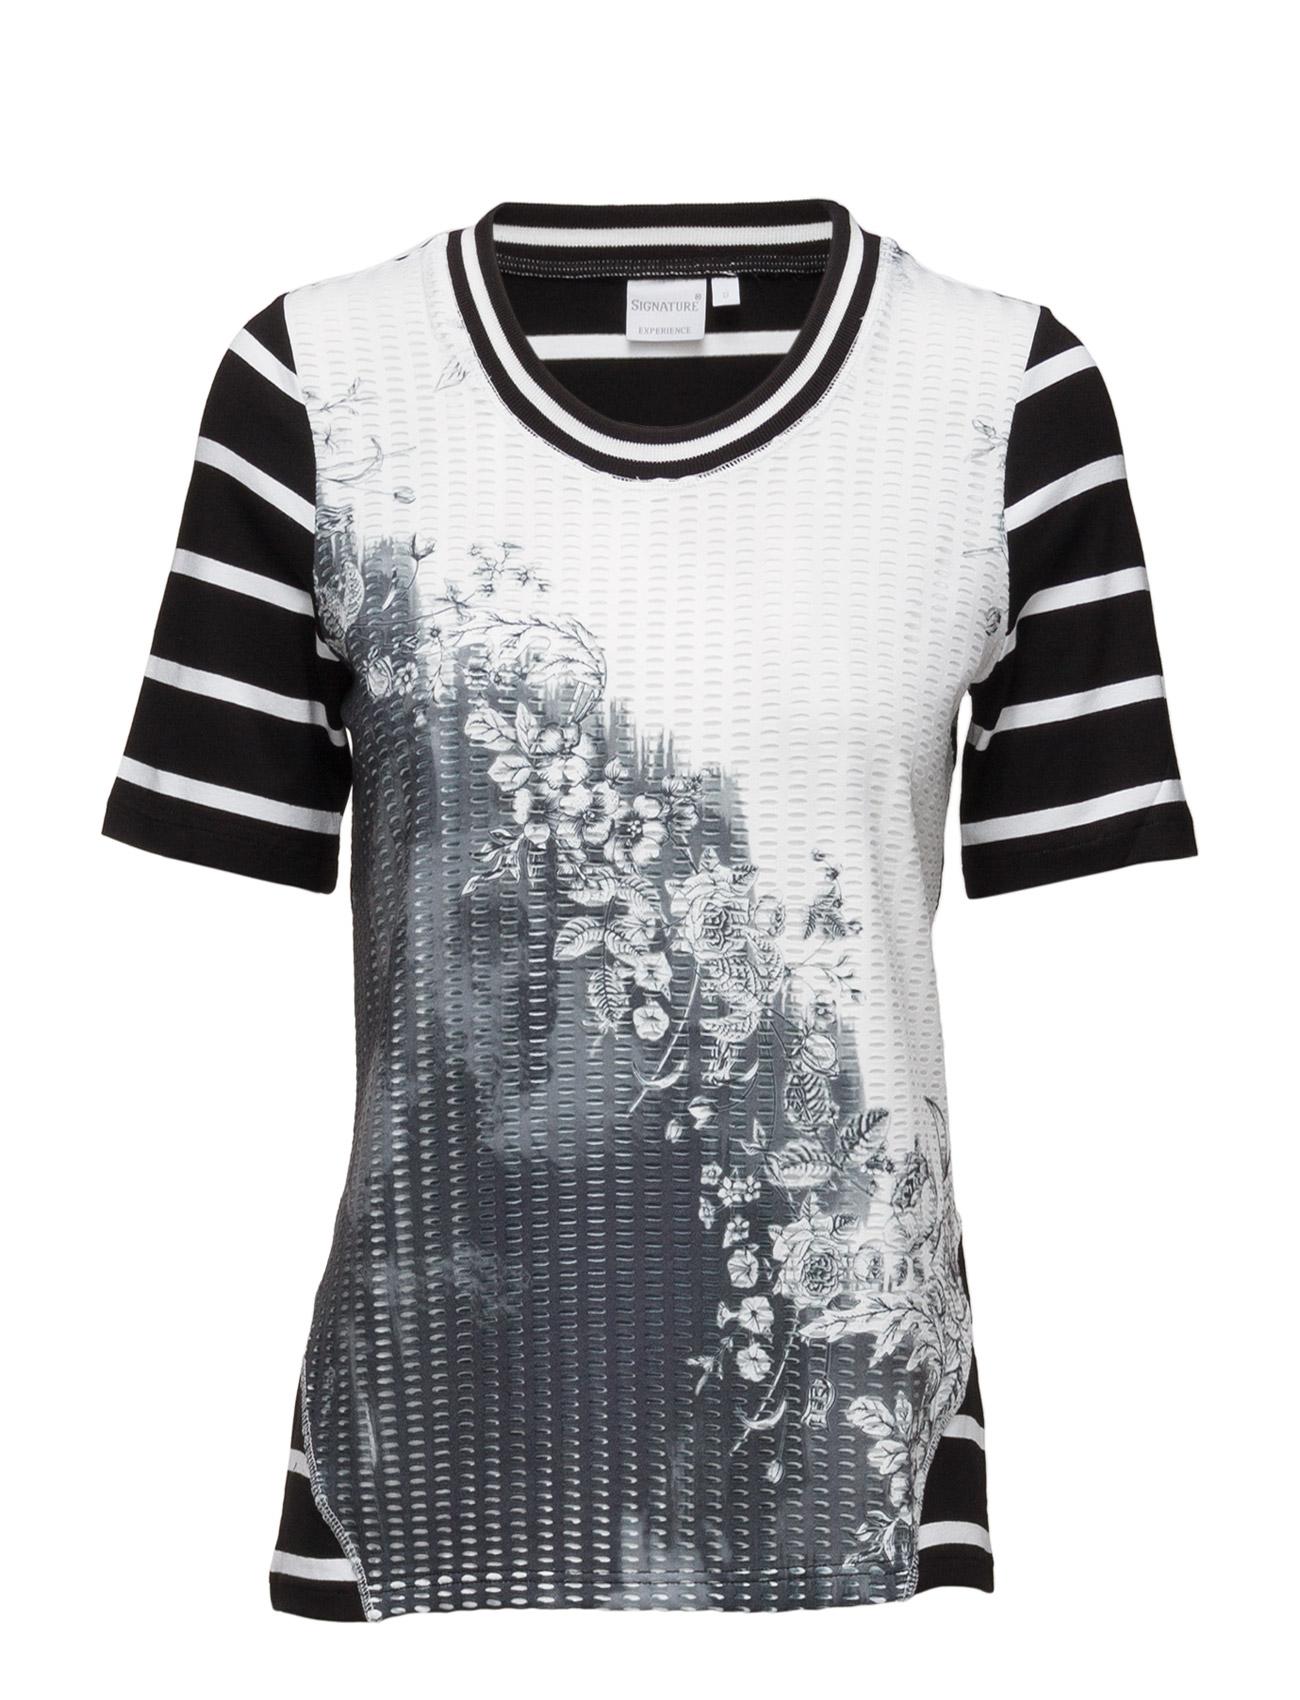 T-Shirt Signature Kortærmede til Damer i Sort